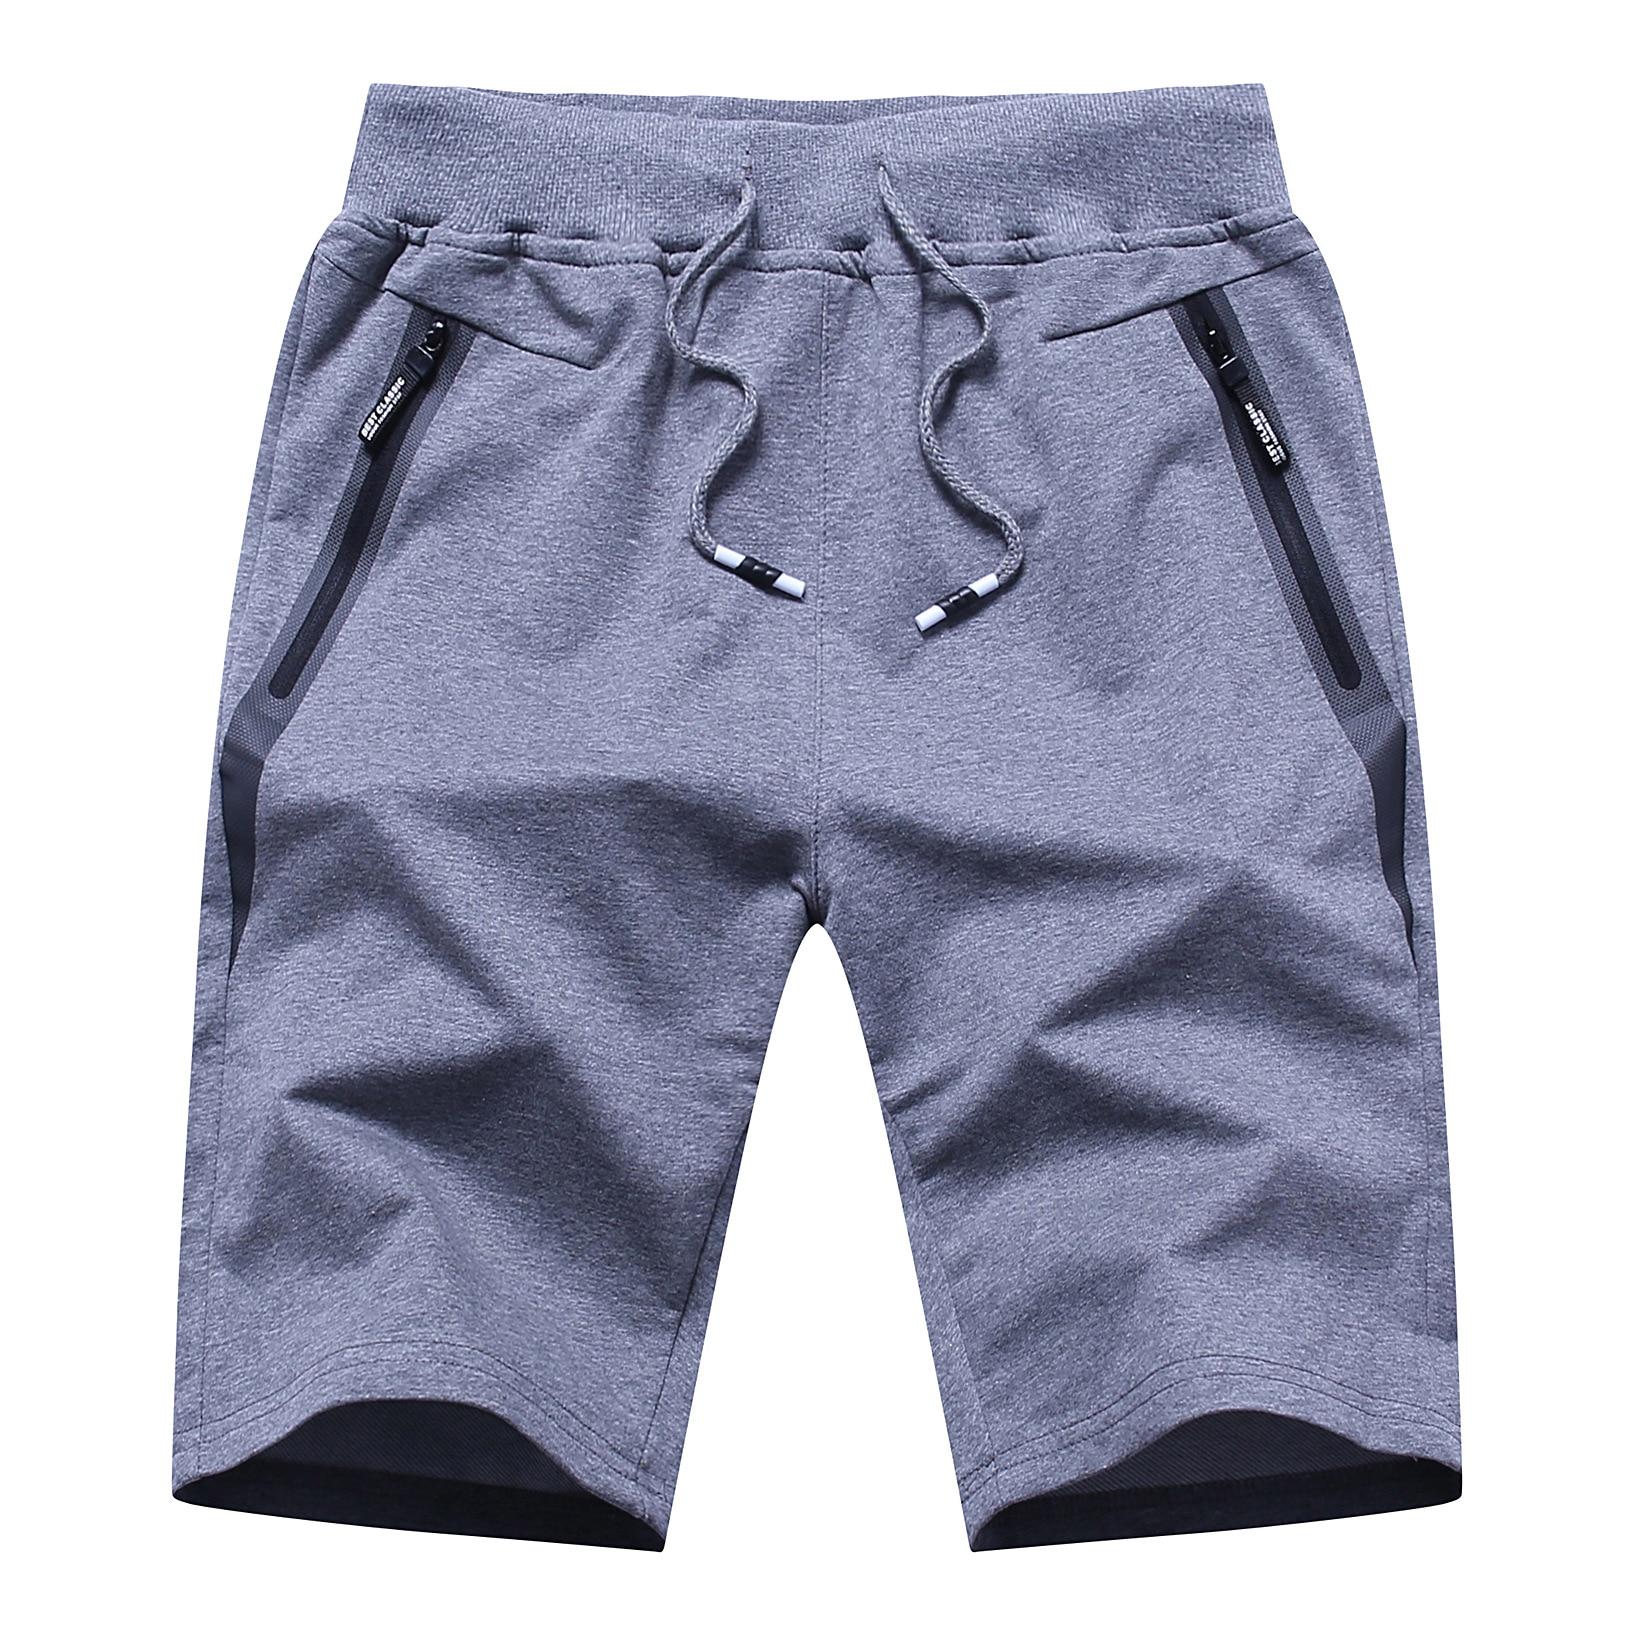 Мужские спортивные брюки 2021, мужские летние шорты оптом, мужские шорты, студенческие вязаные повседневные брюки, Молодежные Брюки-Капри, пл...